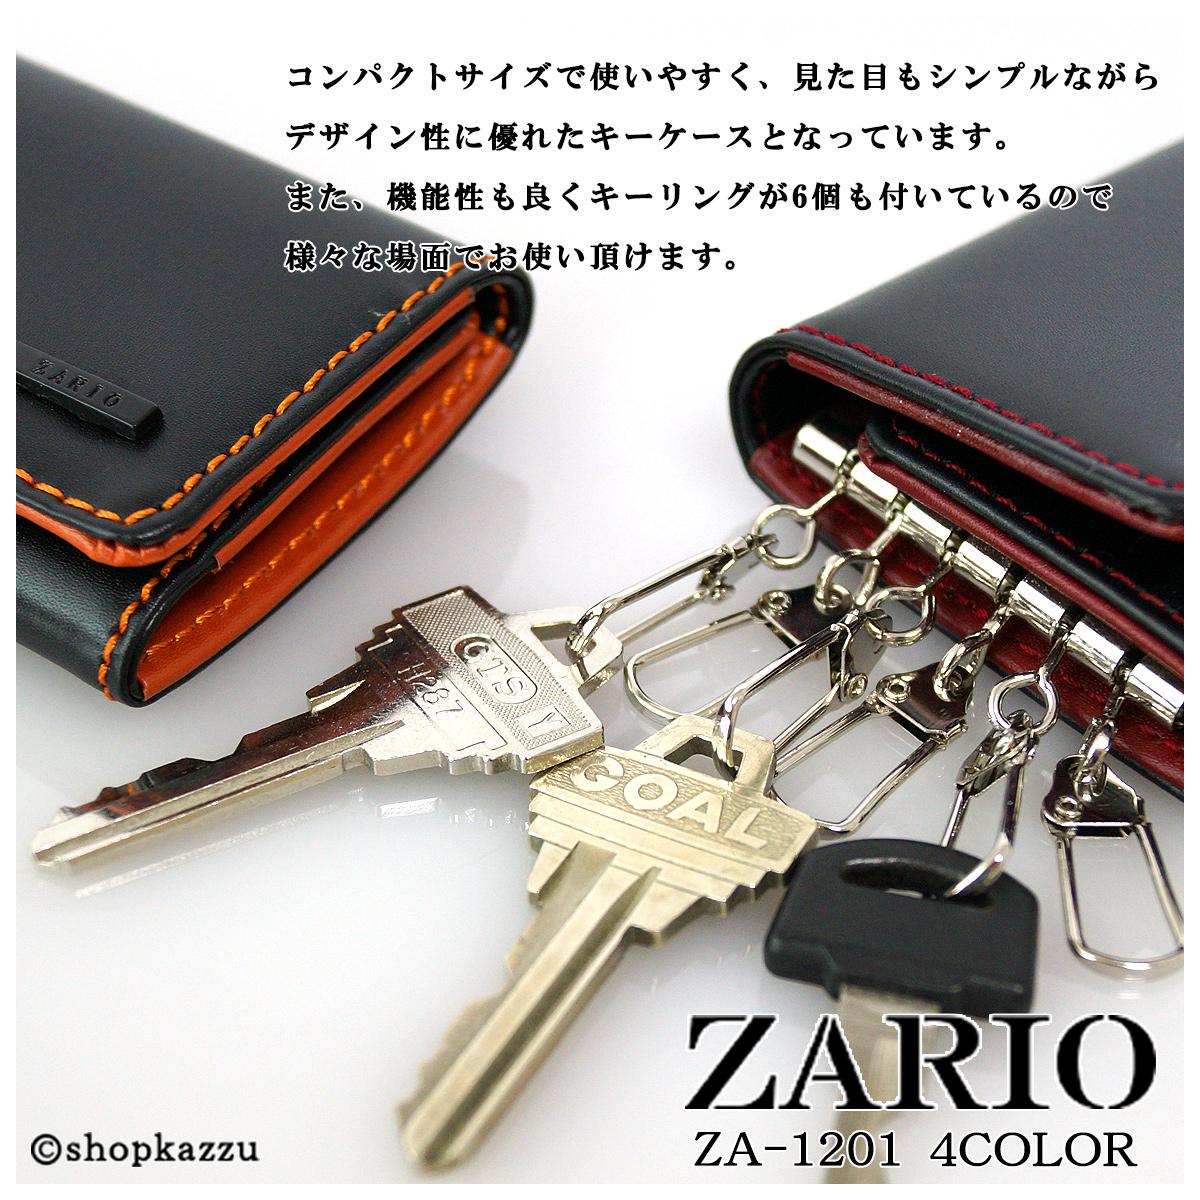 キーケース メンズ ZARIO ザリオ 馬革 牛革 6連キーケース